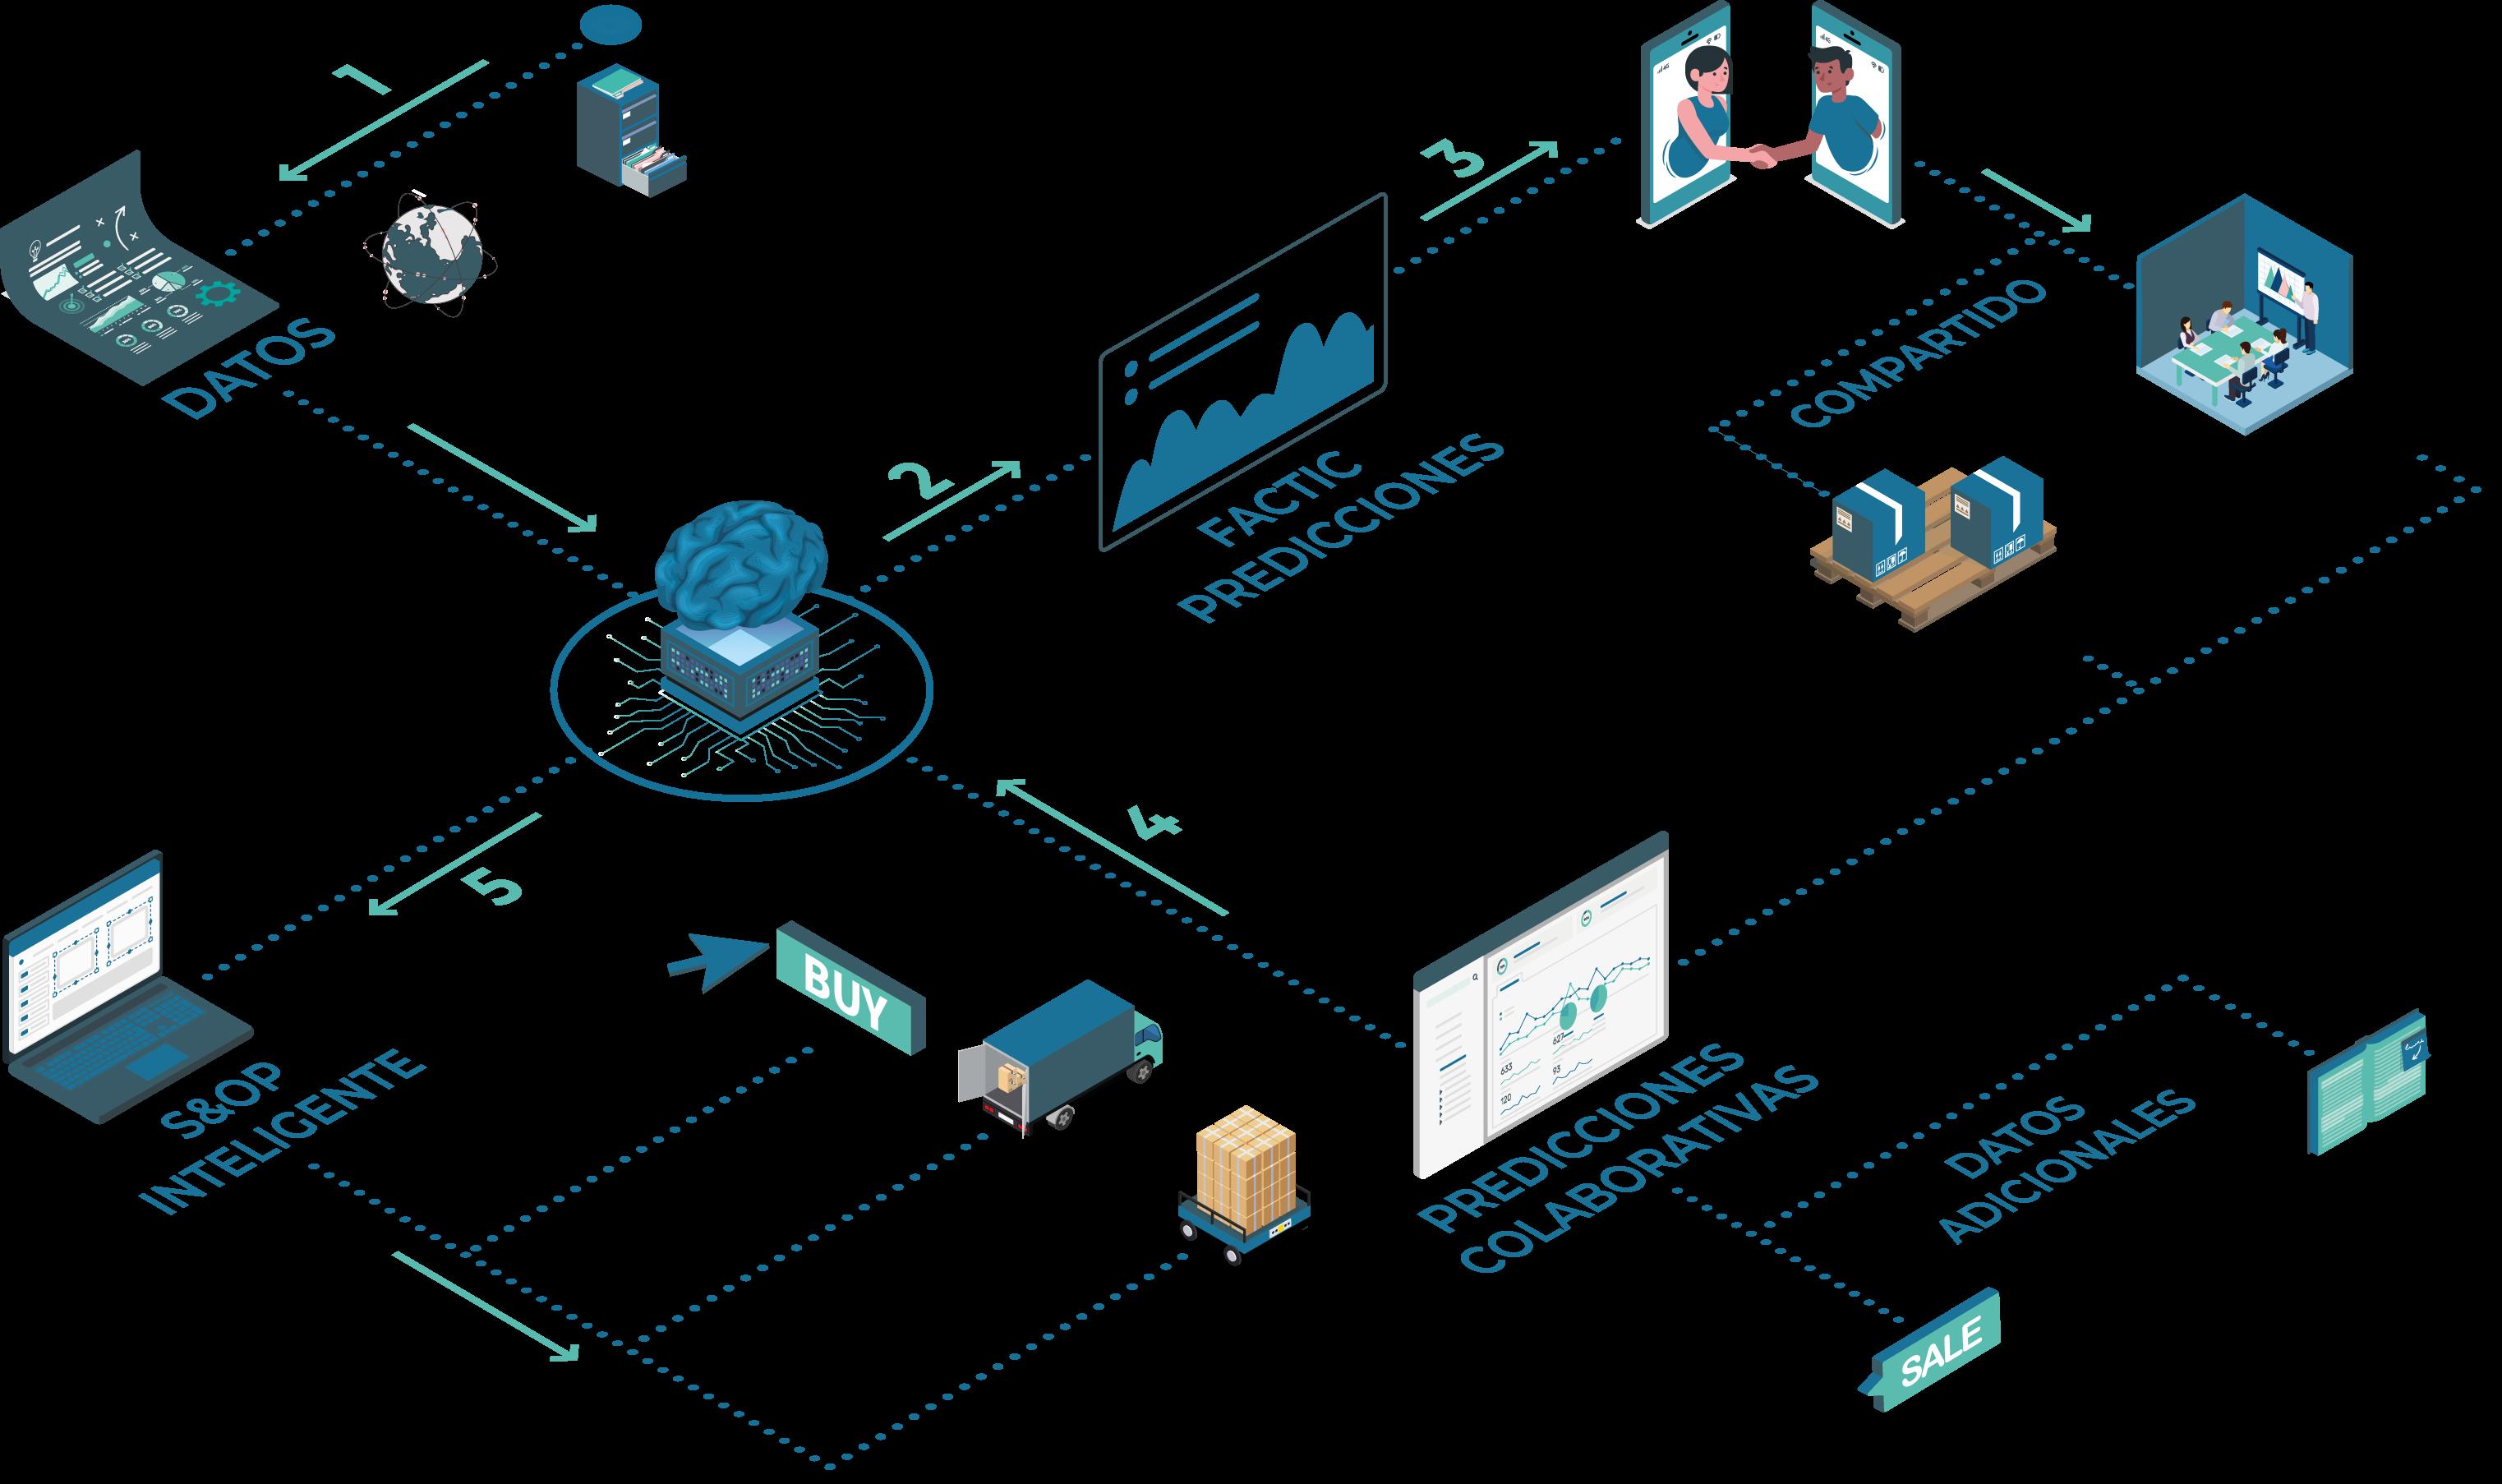 S&OP, planificación de la demanda. análisis predictivo, aprendizaje automático, Plataforma FACTIC